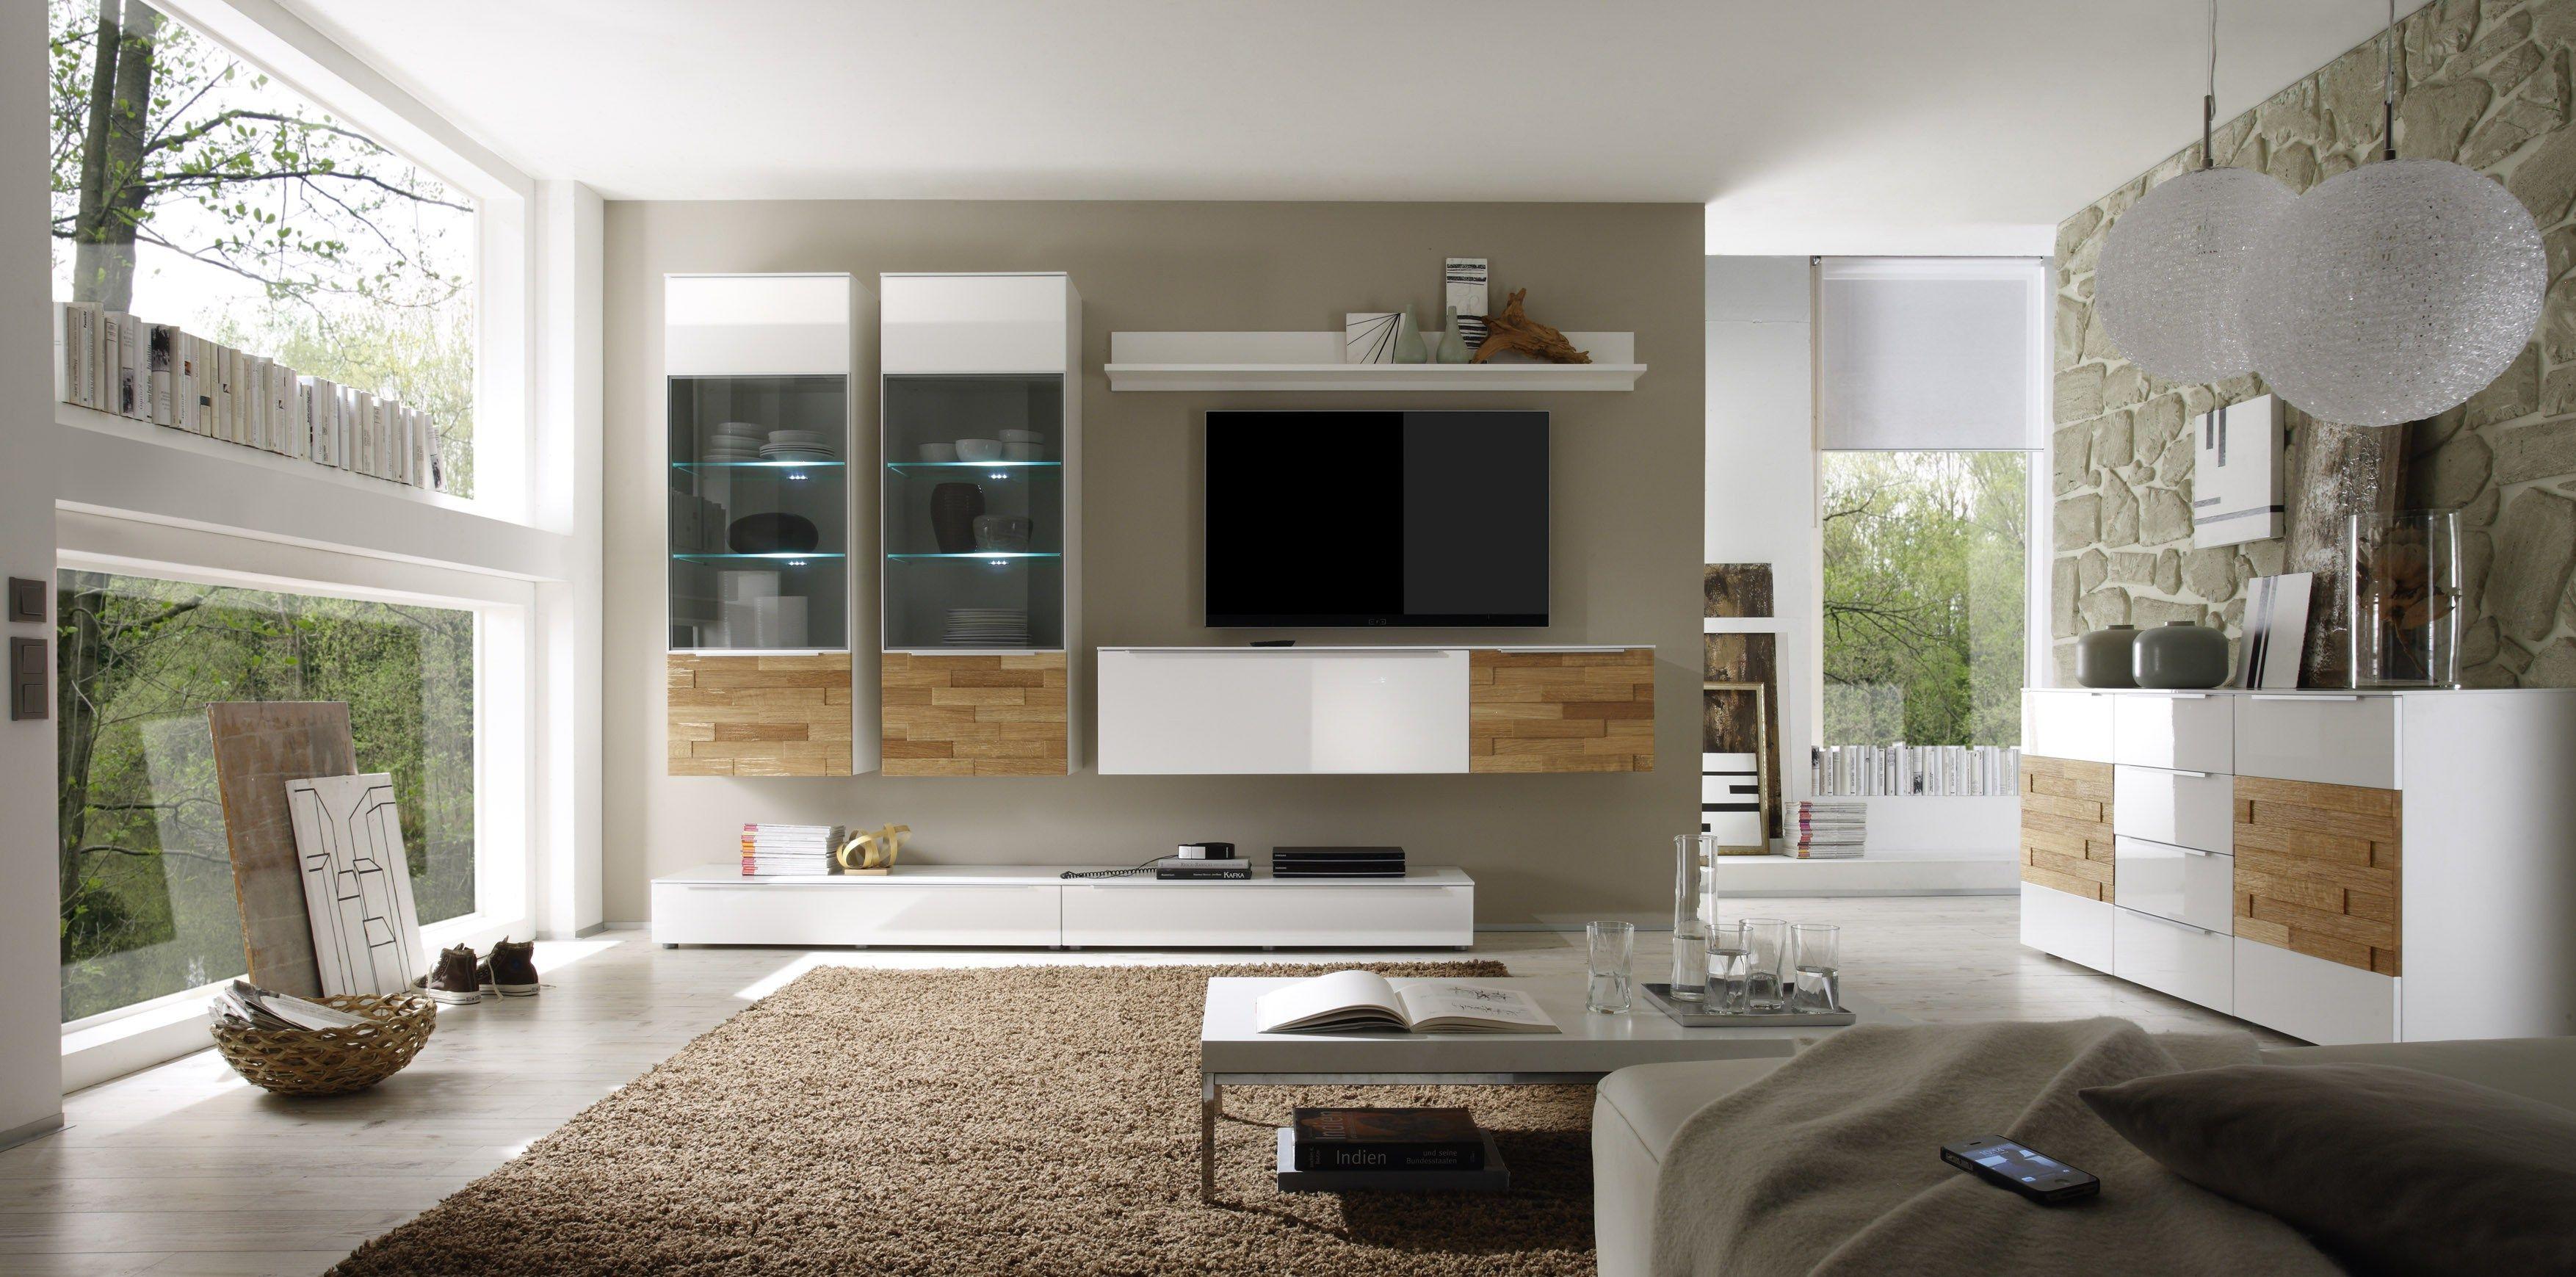 wohnzimmer einrichten modern und alt | Welche Wandfarbe im ...